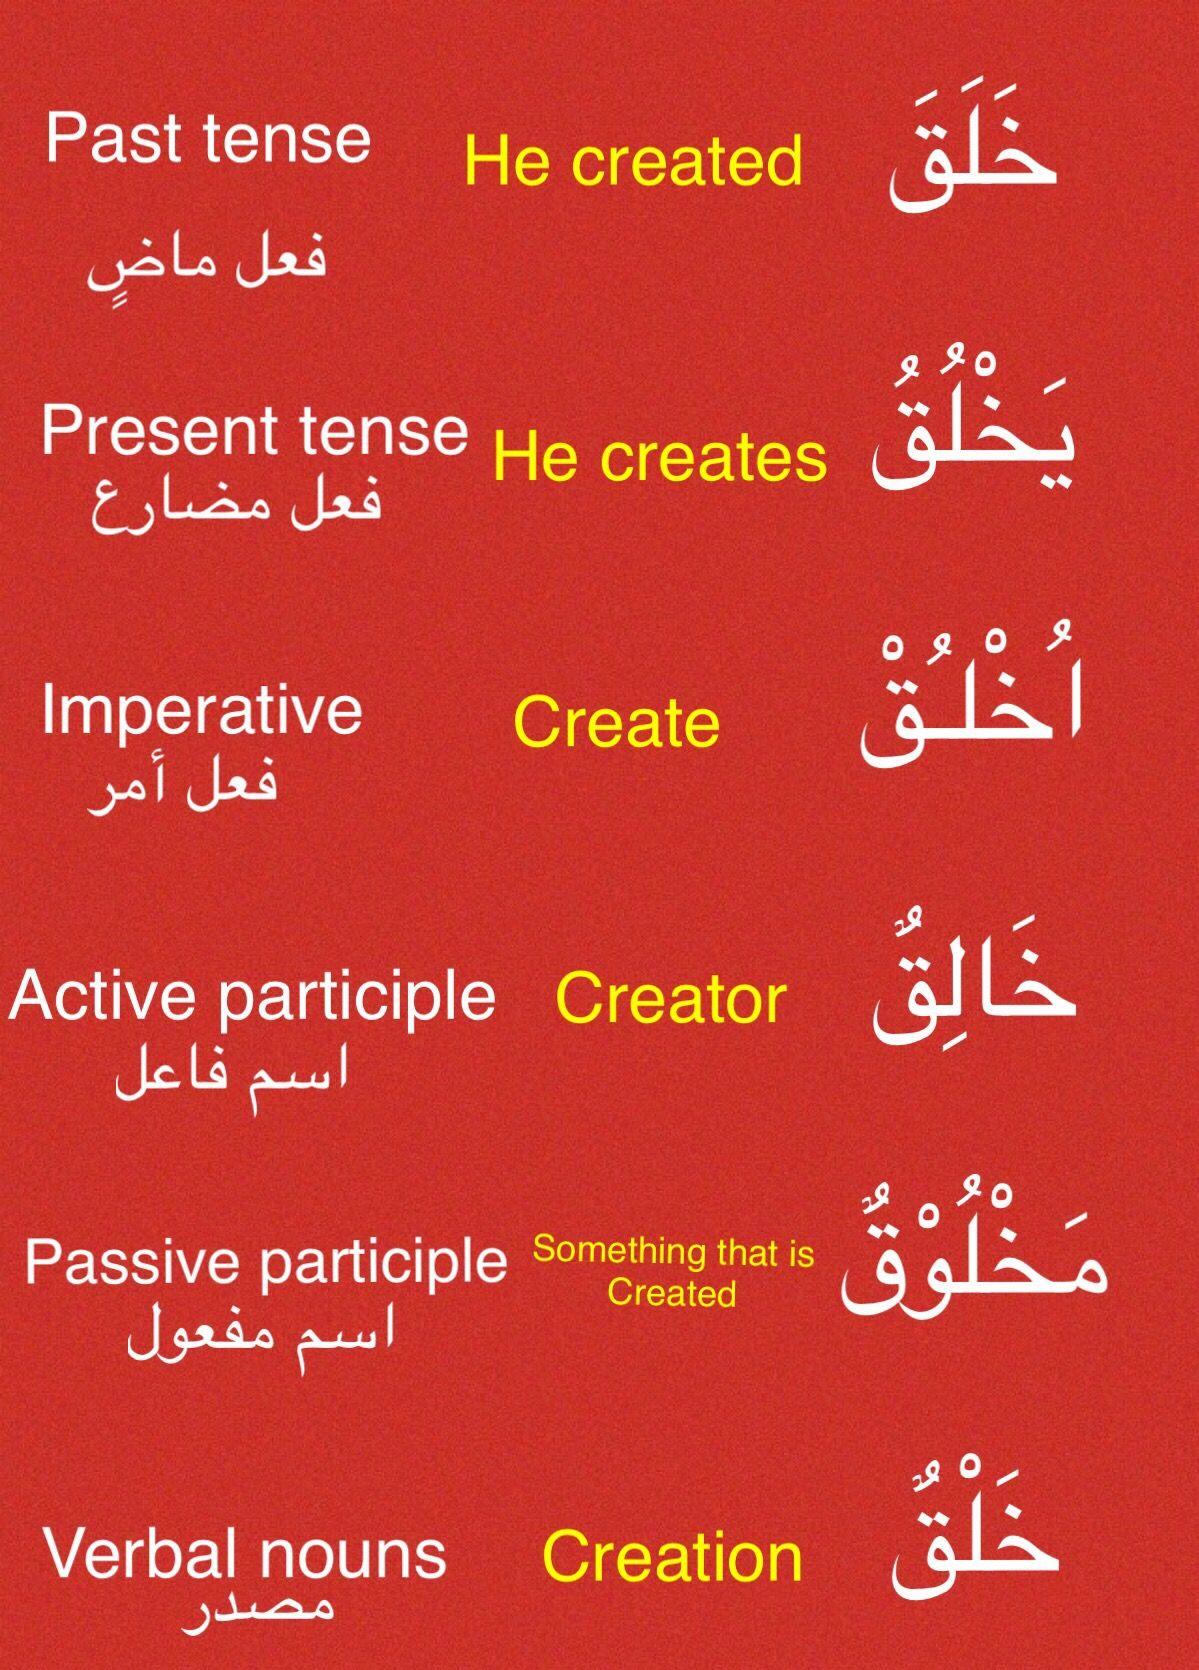 Learning Arabic Msa Fabienne Learning Arabic Learn Arabic Language Learn Arabic Online